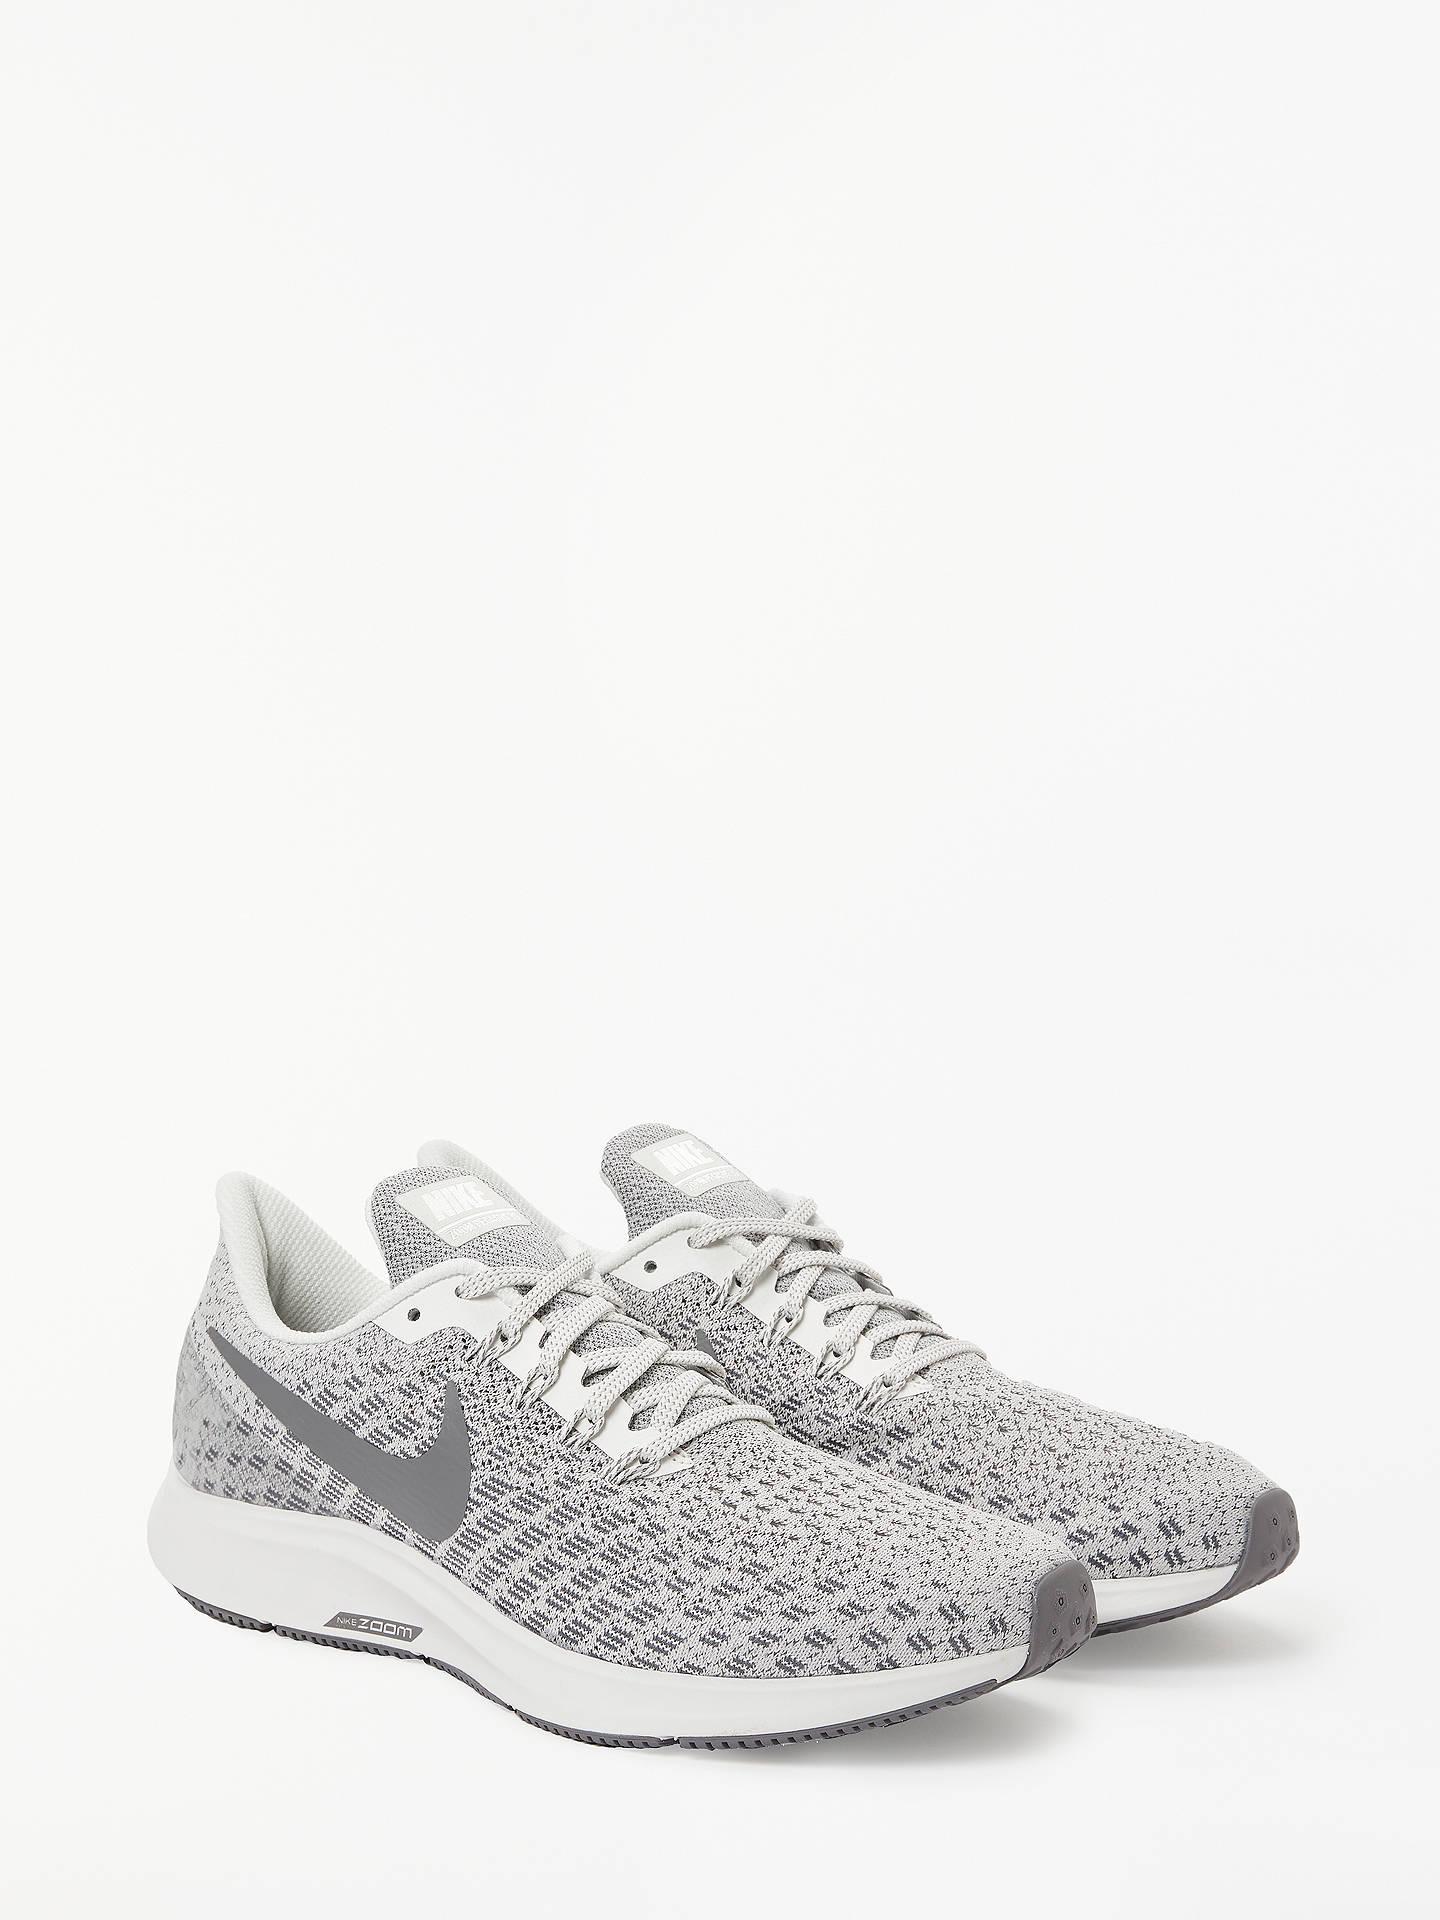 official photos 9731c 48b90 ... Buy Nike Air Zoom Pegasus 35 Women s Running Shoes, Phantom Gunsmoke Summit  White, ...